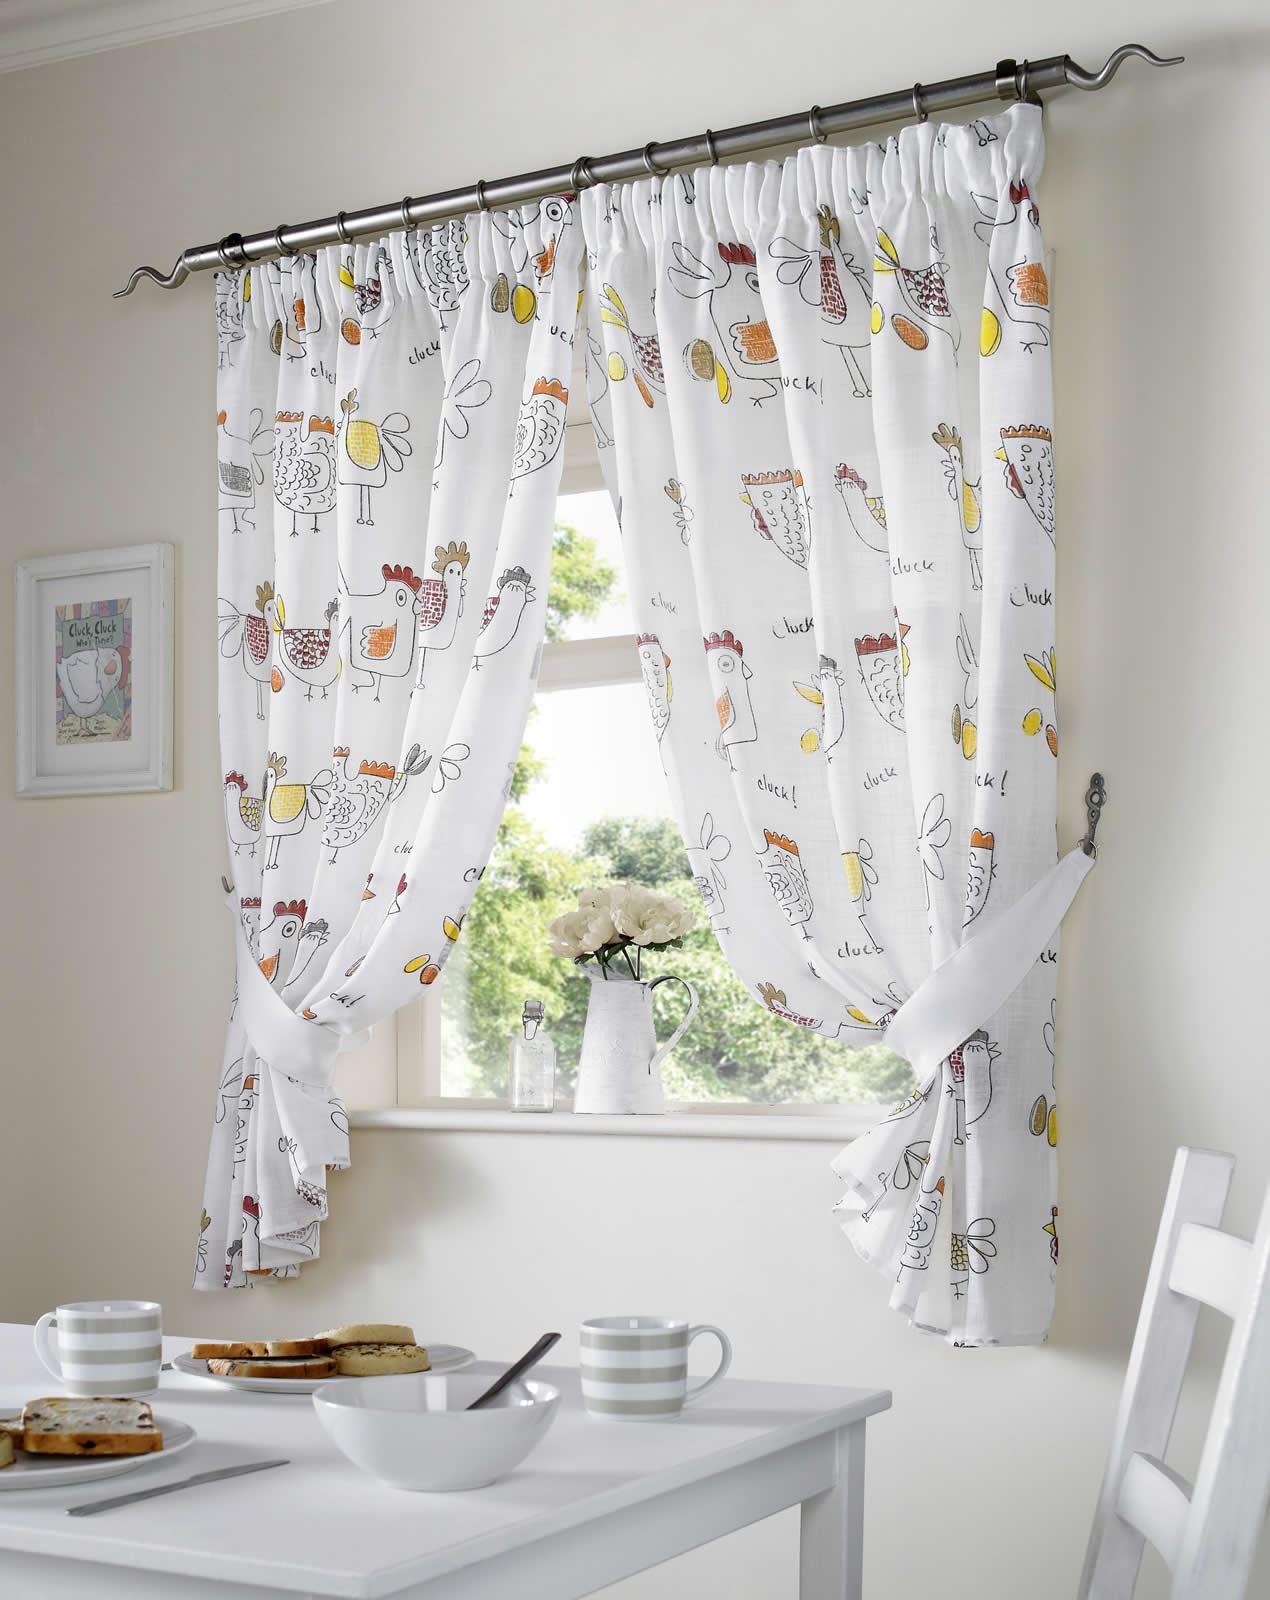 Hühner, Küche Vorhänge, fertige Vorhänge, Vorhänge, Dekoschal | eBay